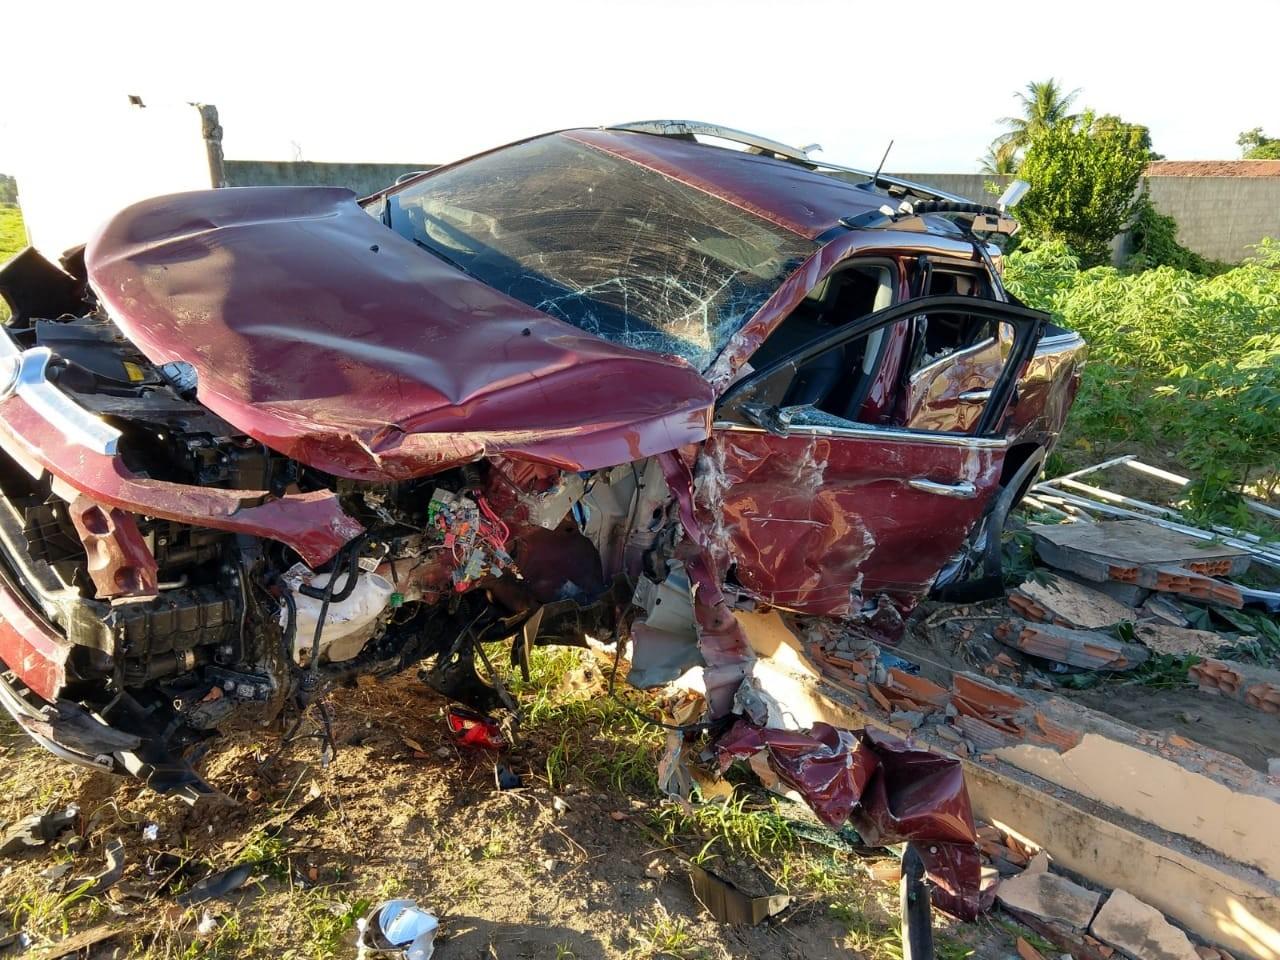 Colisão entre dois carros deixa uma pessoa ferida em São Sebastião, AL  - Notícias - Plantão Diário